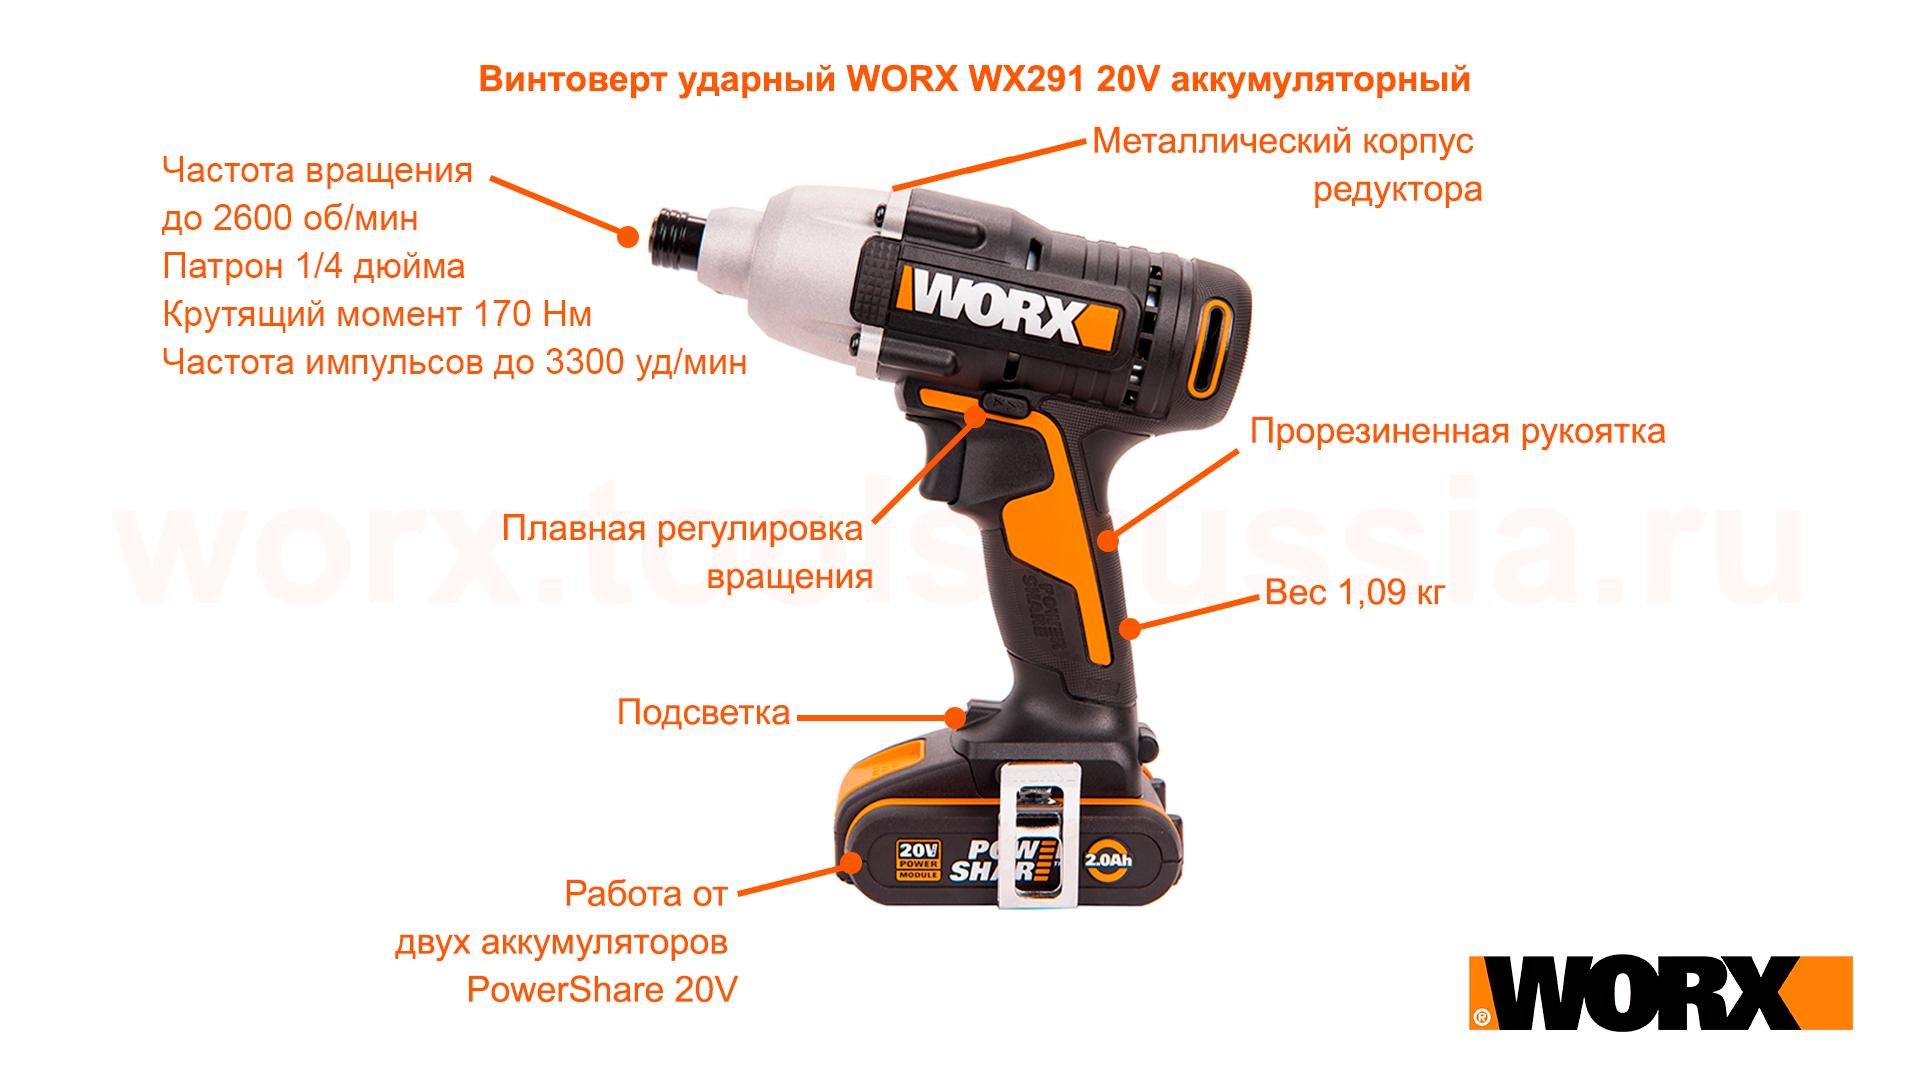 vintovert-udarnyy-worx-wx291-20v-akkumulyatornyy.png